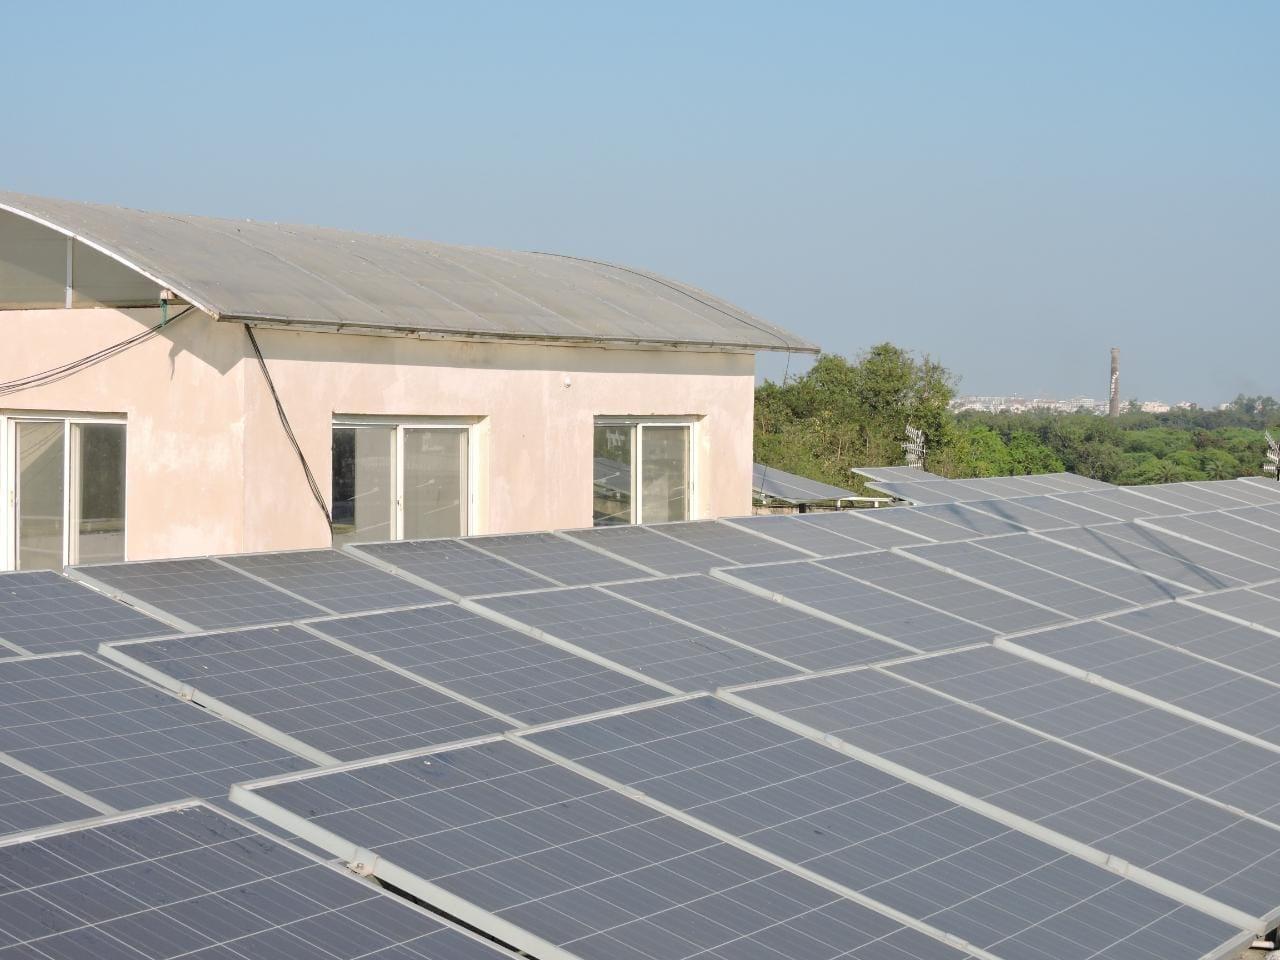 Indore Electricity News: आठ करोड़ की बिजली बनाईं इंदौर की छतों ने